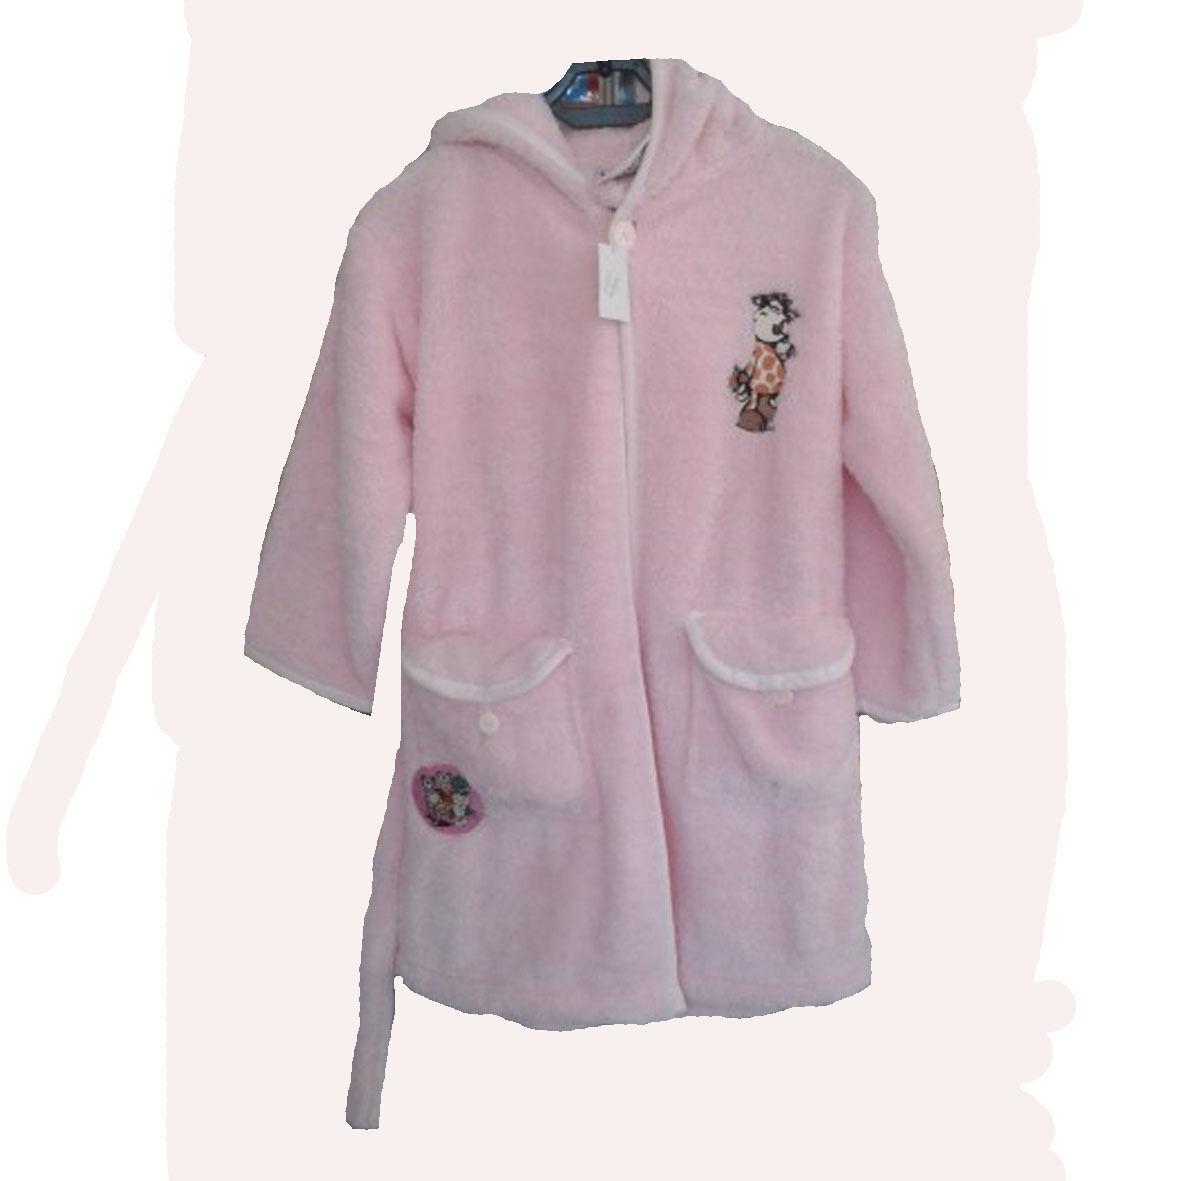 NICI vestaglia rosa con giraffa ricamata in peluches morbidissima con cinta